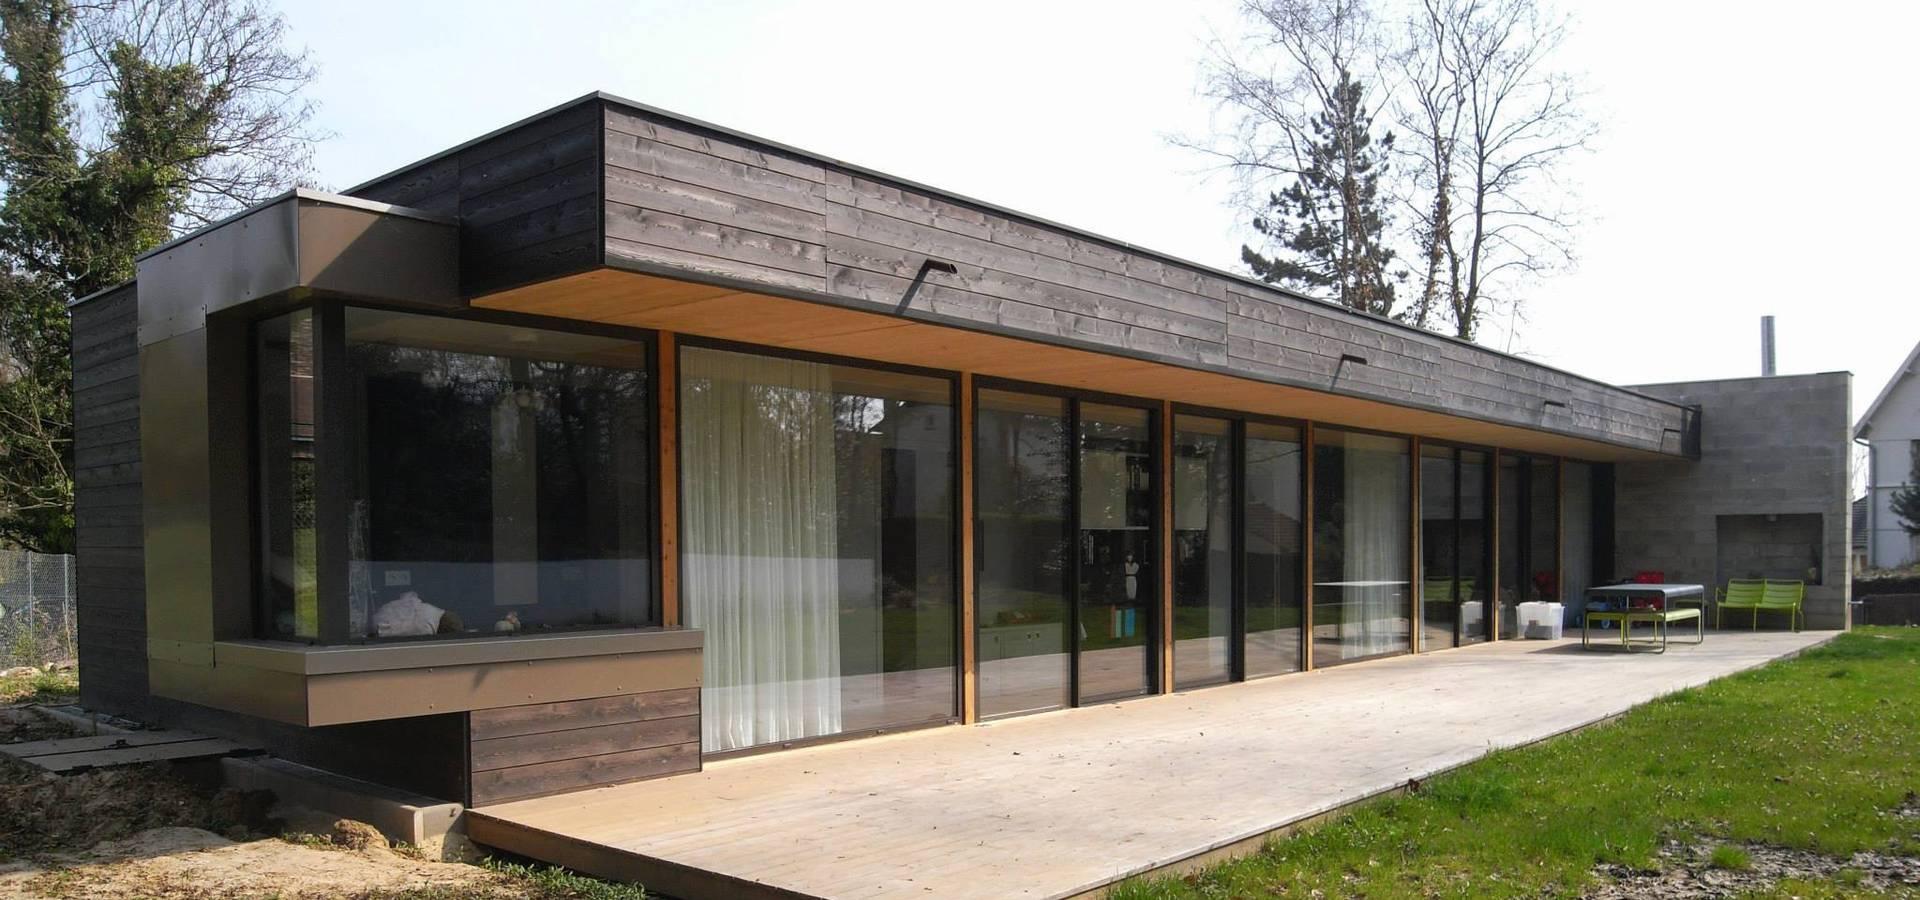 Allegre + Bonandrini architectes DPLG